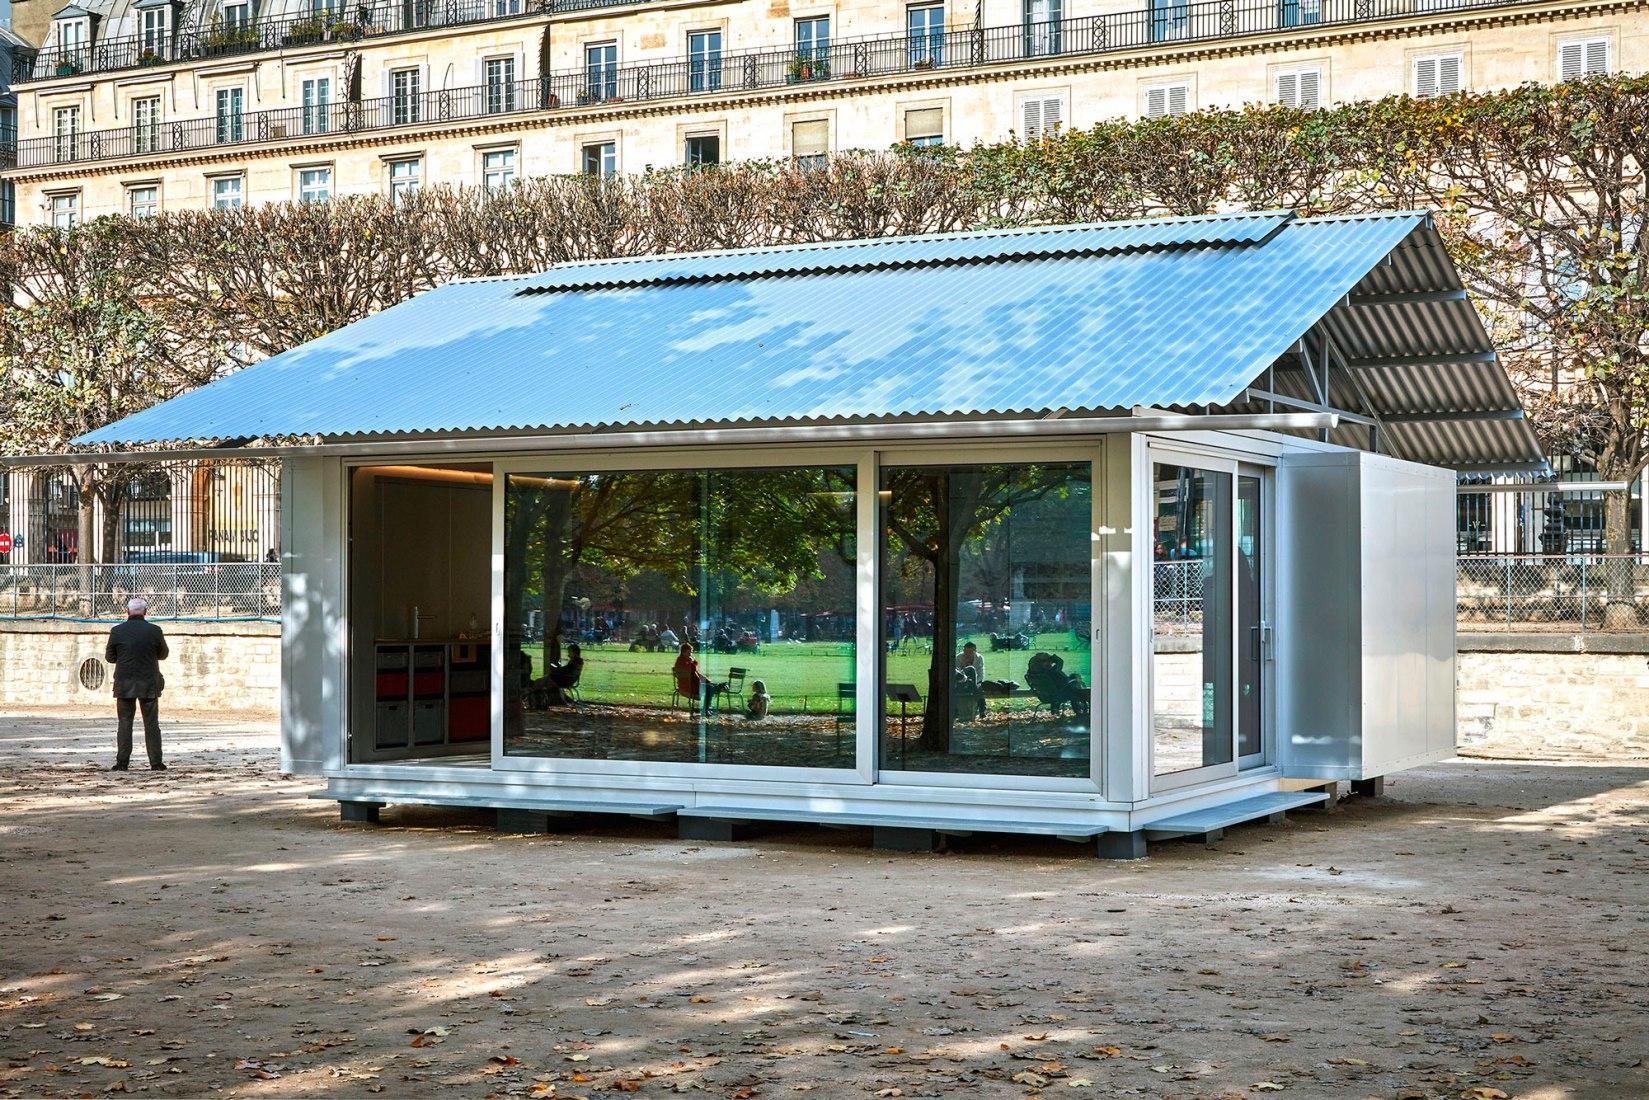 SIMPLE a Prefab House by Jean Nouvel. Photograph © Thomas Lannes